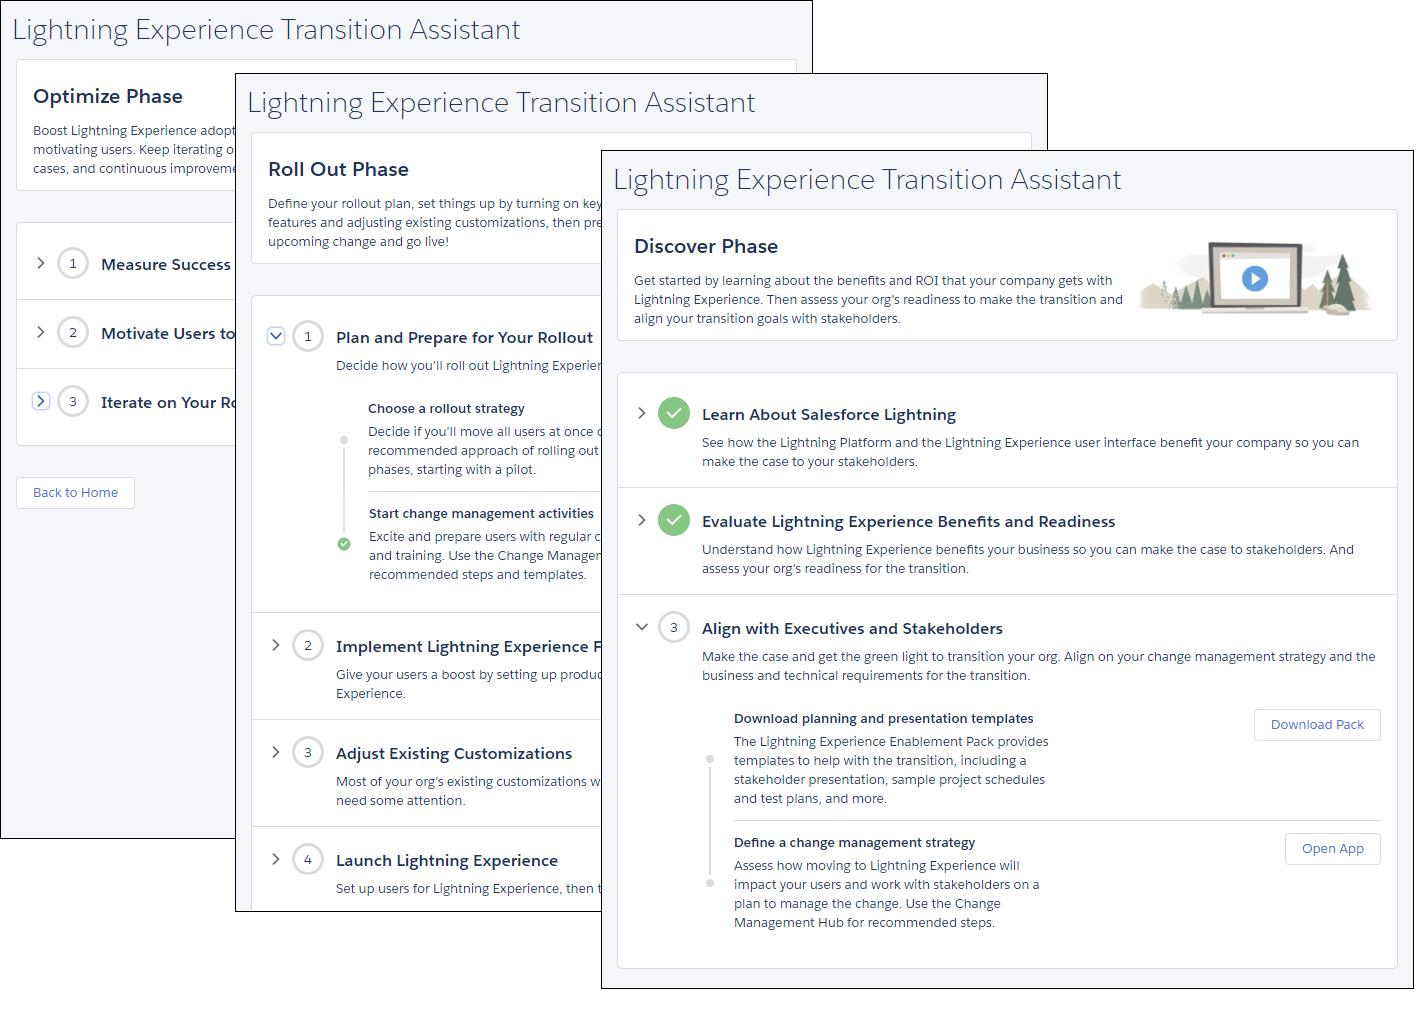 Phases et étapes de l'assistant de migration de LightningExperience